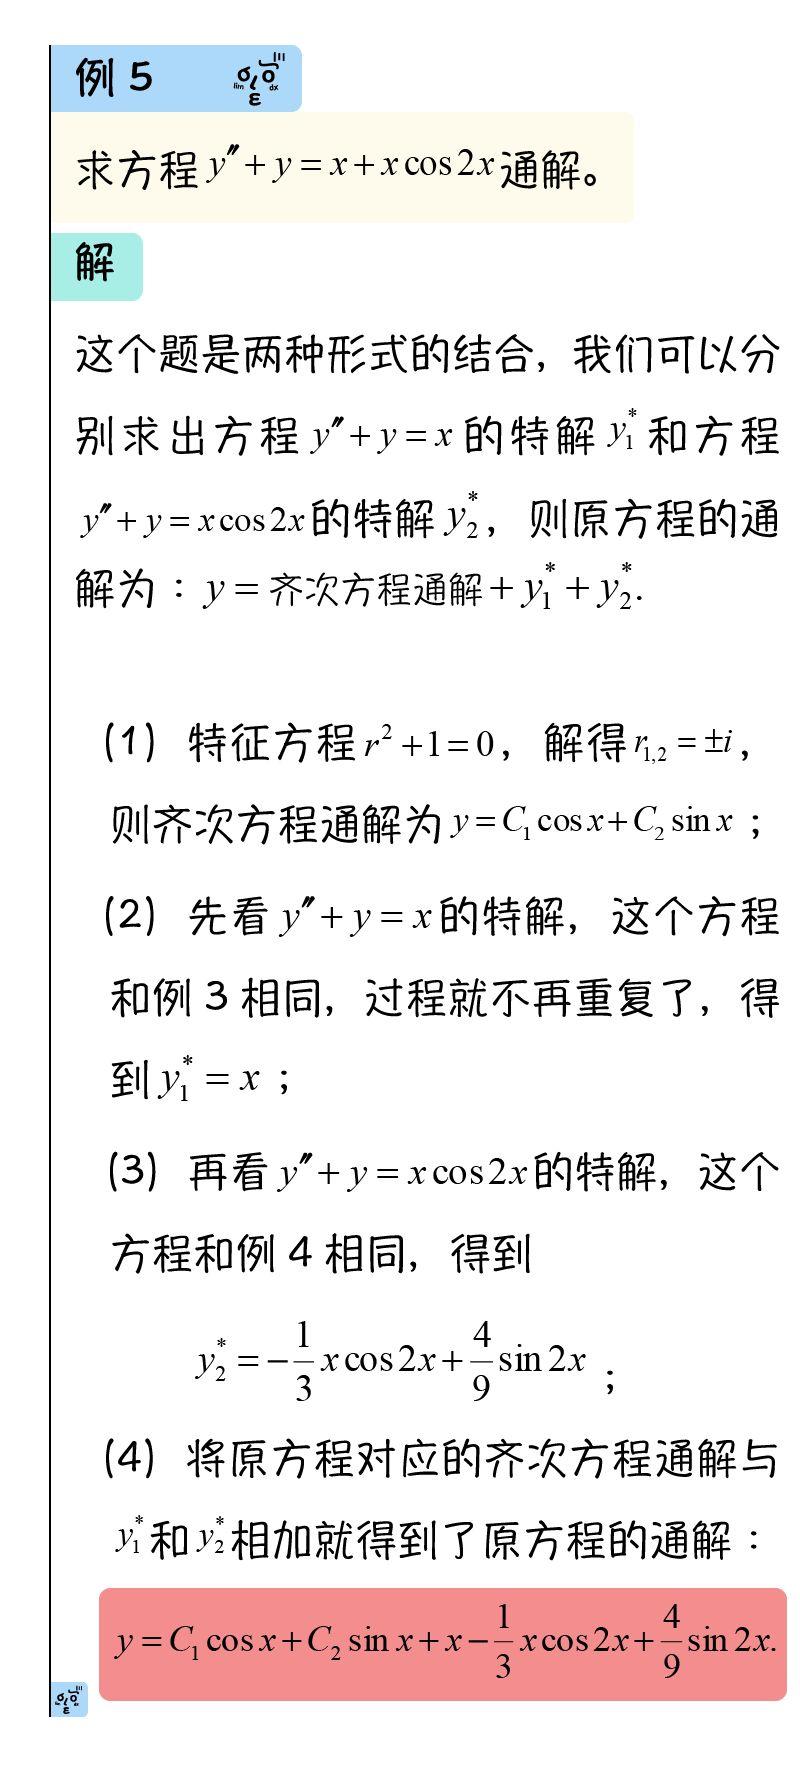 ec576274d2cc59e623a53a9762d4c2f1.png